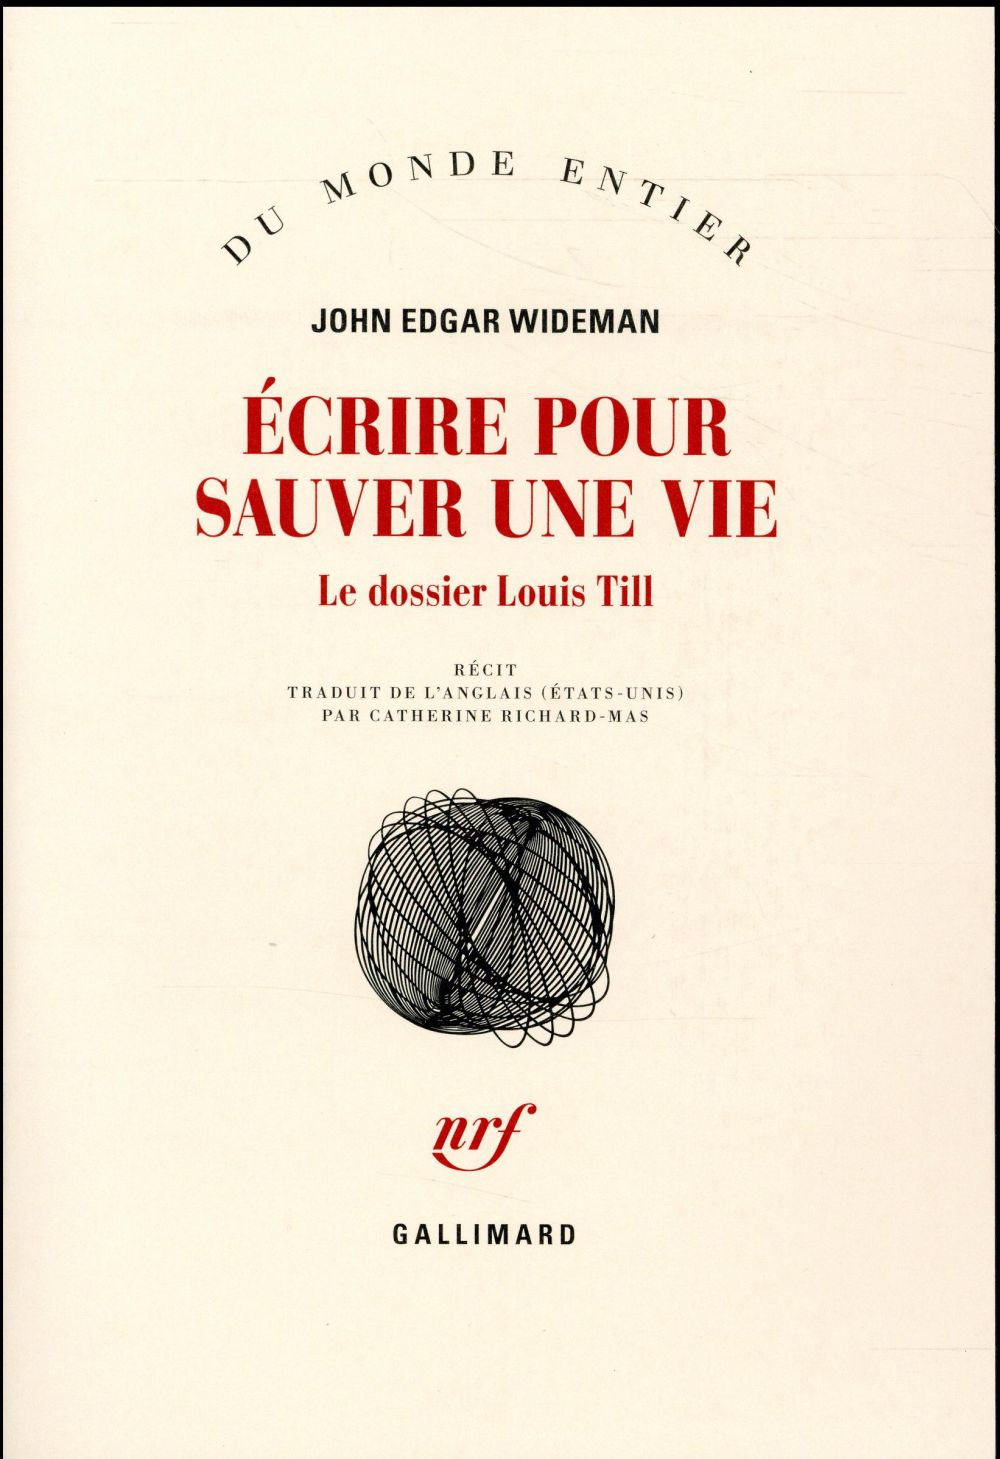 ECRIRE POUR SAUVER UNE VIE - LE DOSSIER LOUIS TILL